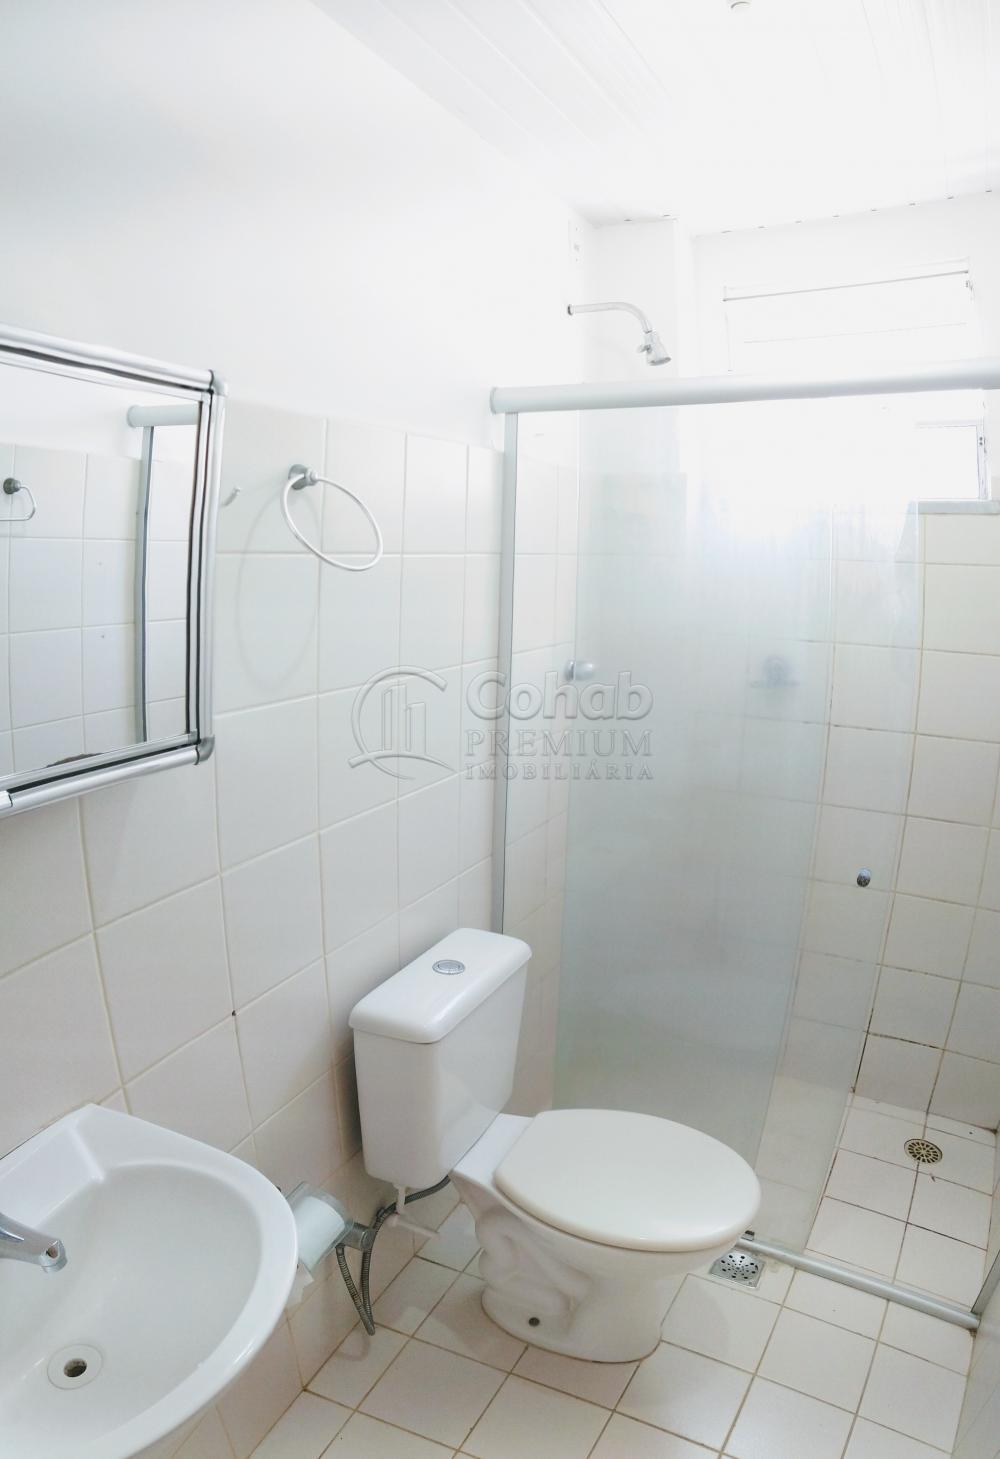 Alugar Apartamento / Padrão em Aracaju apenas R$ 500,00 - Foto 6